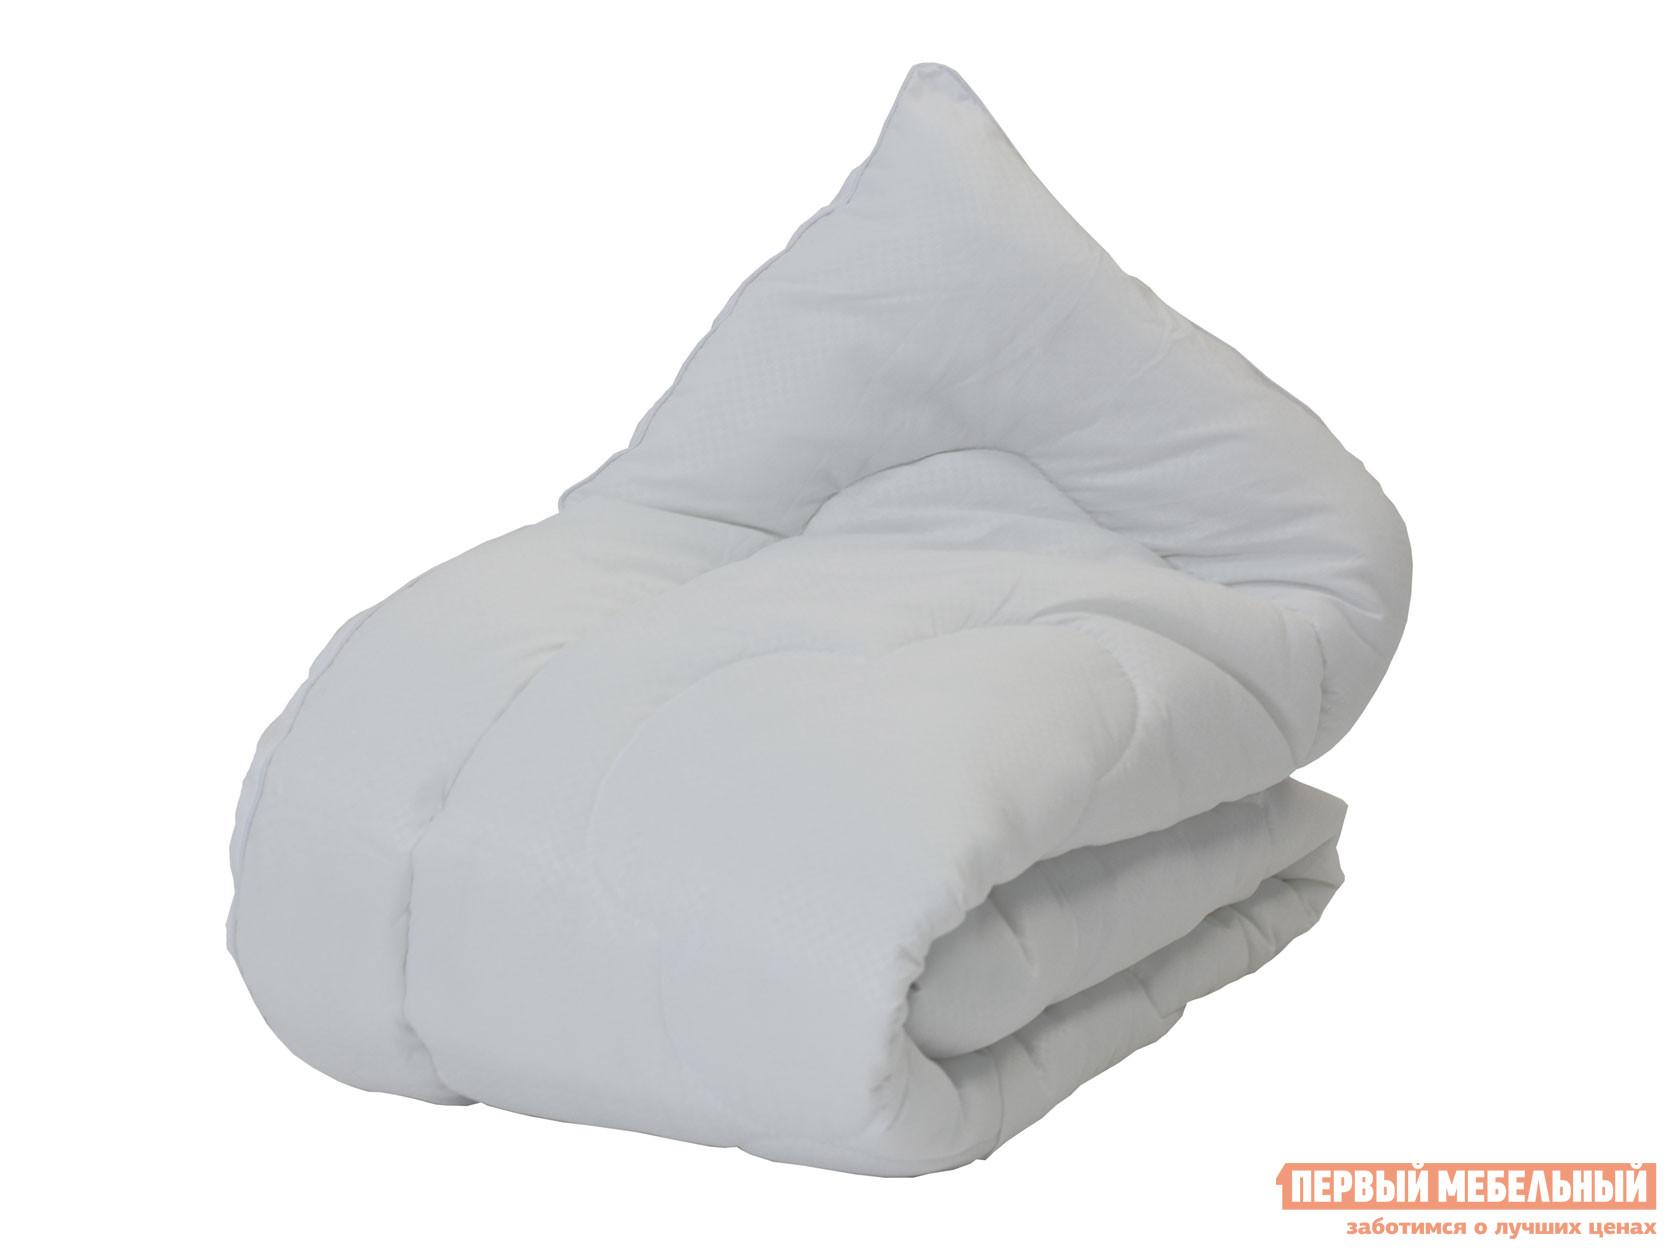 Одеяло Первый Мебельный Одеяло Бамбук Комфорт всесезонное